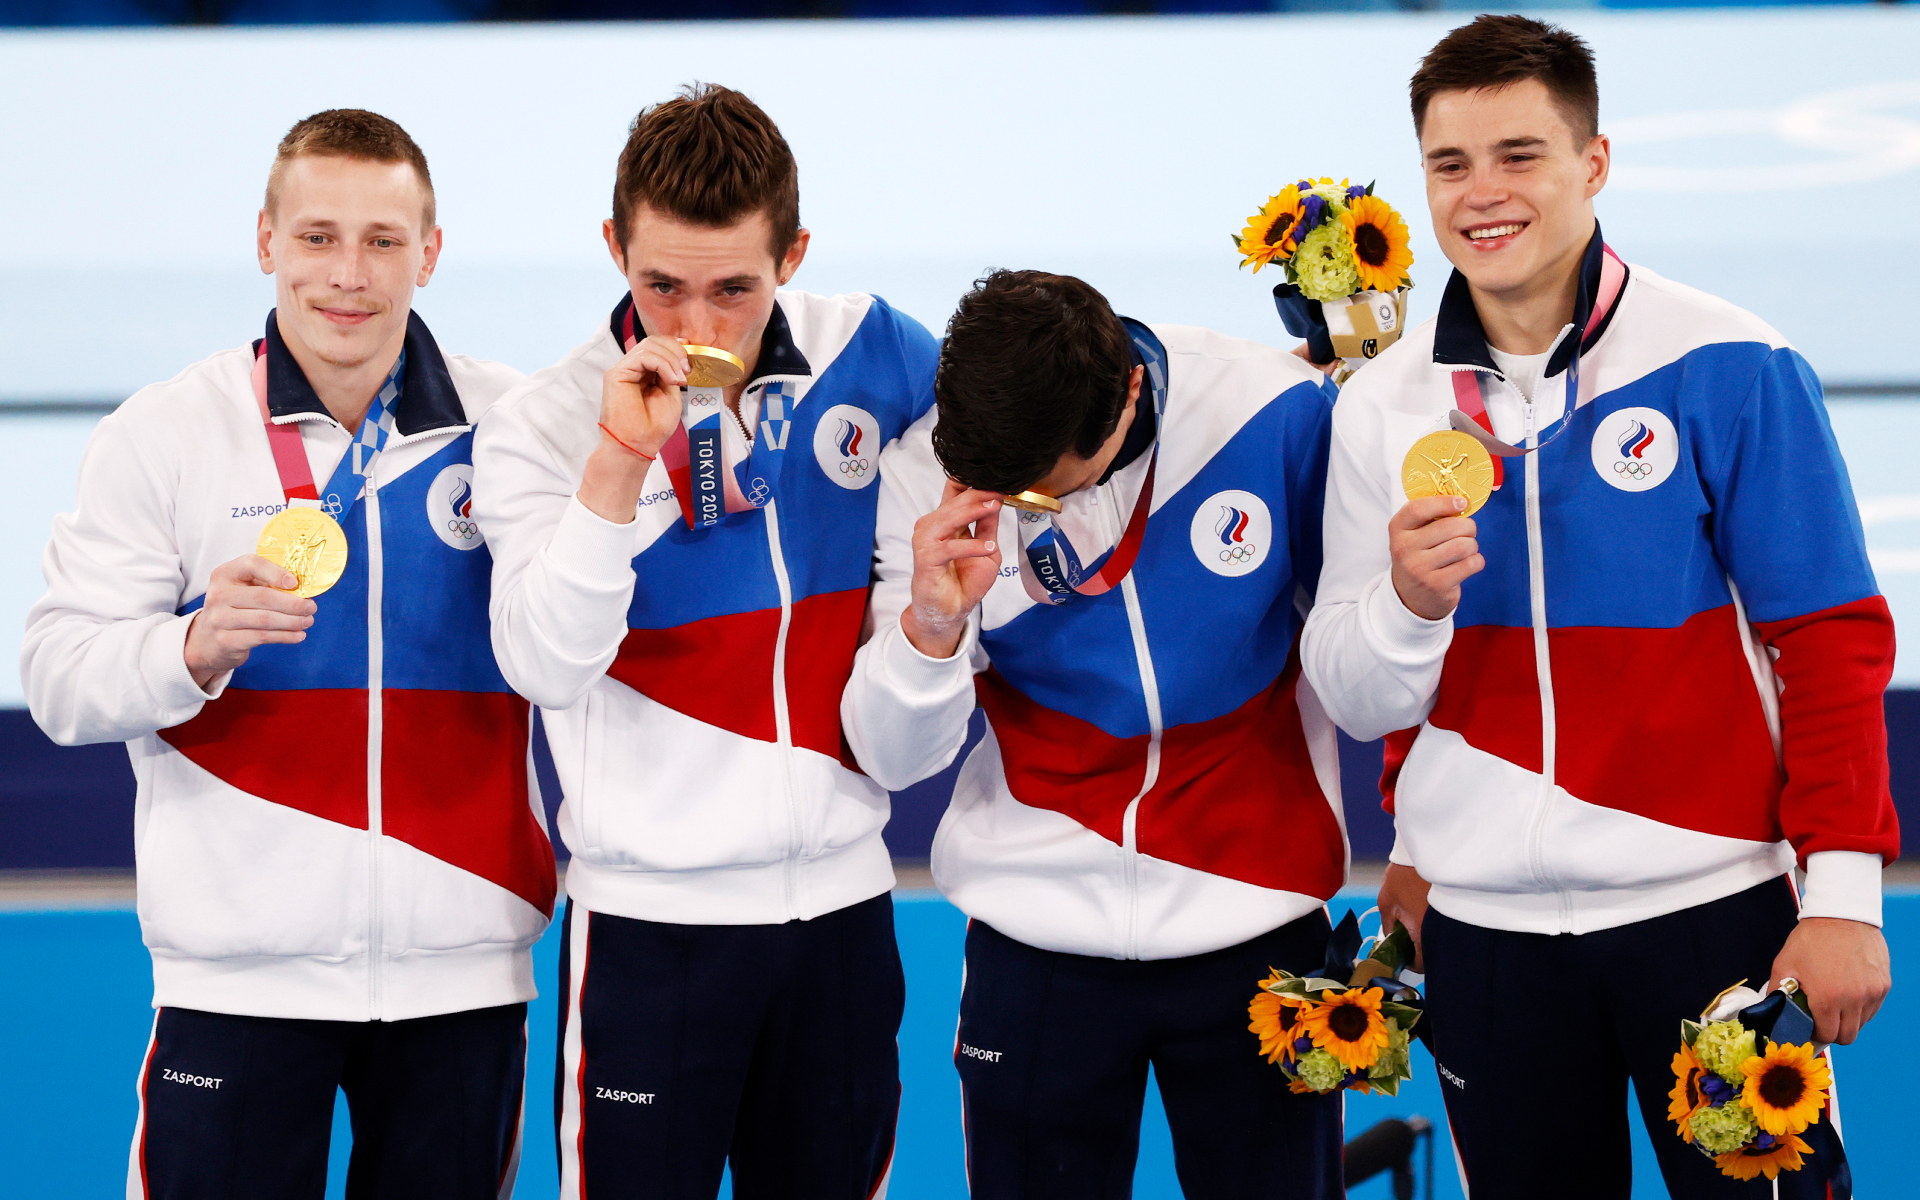 Фото: Мужская сборная России по спортивной гимнастике впервые за 25 лет завоевала золото в командном многоборье (HOW HWEE YOUNG\EPA)